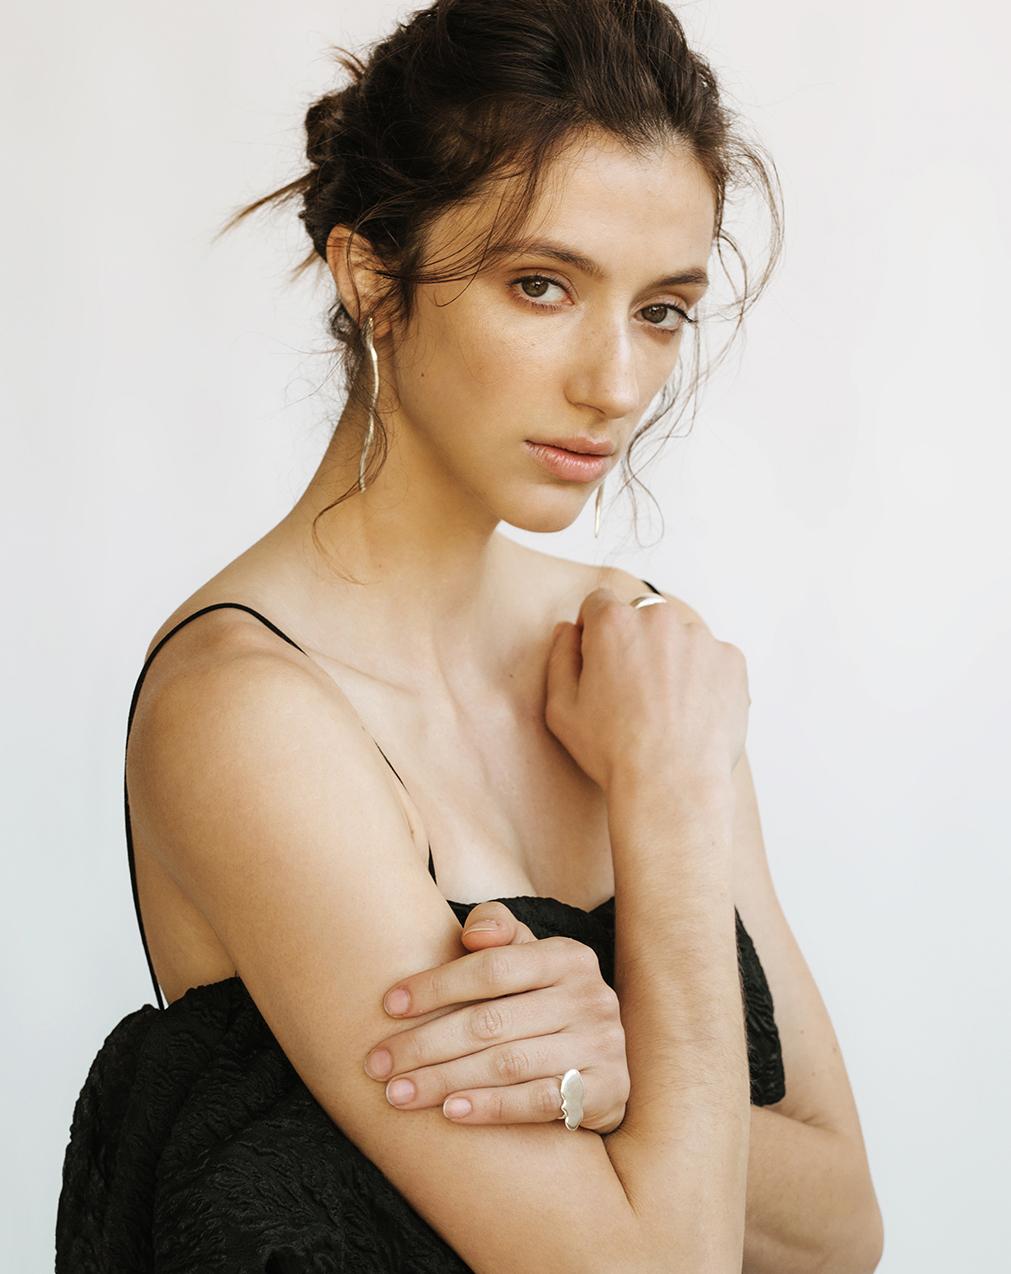 Joana Castro 32